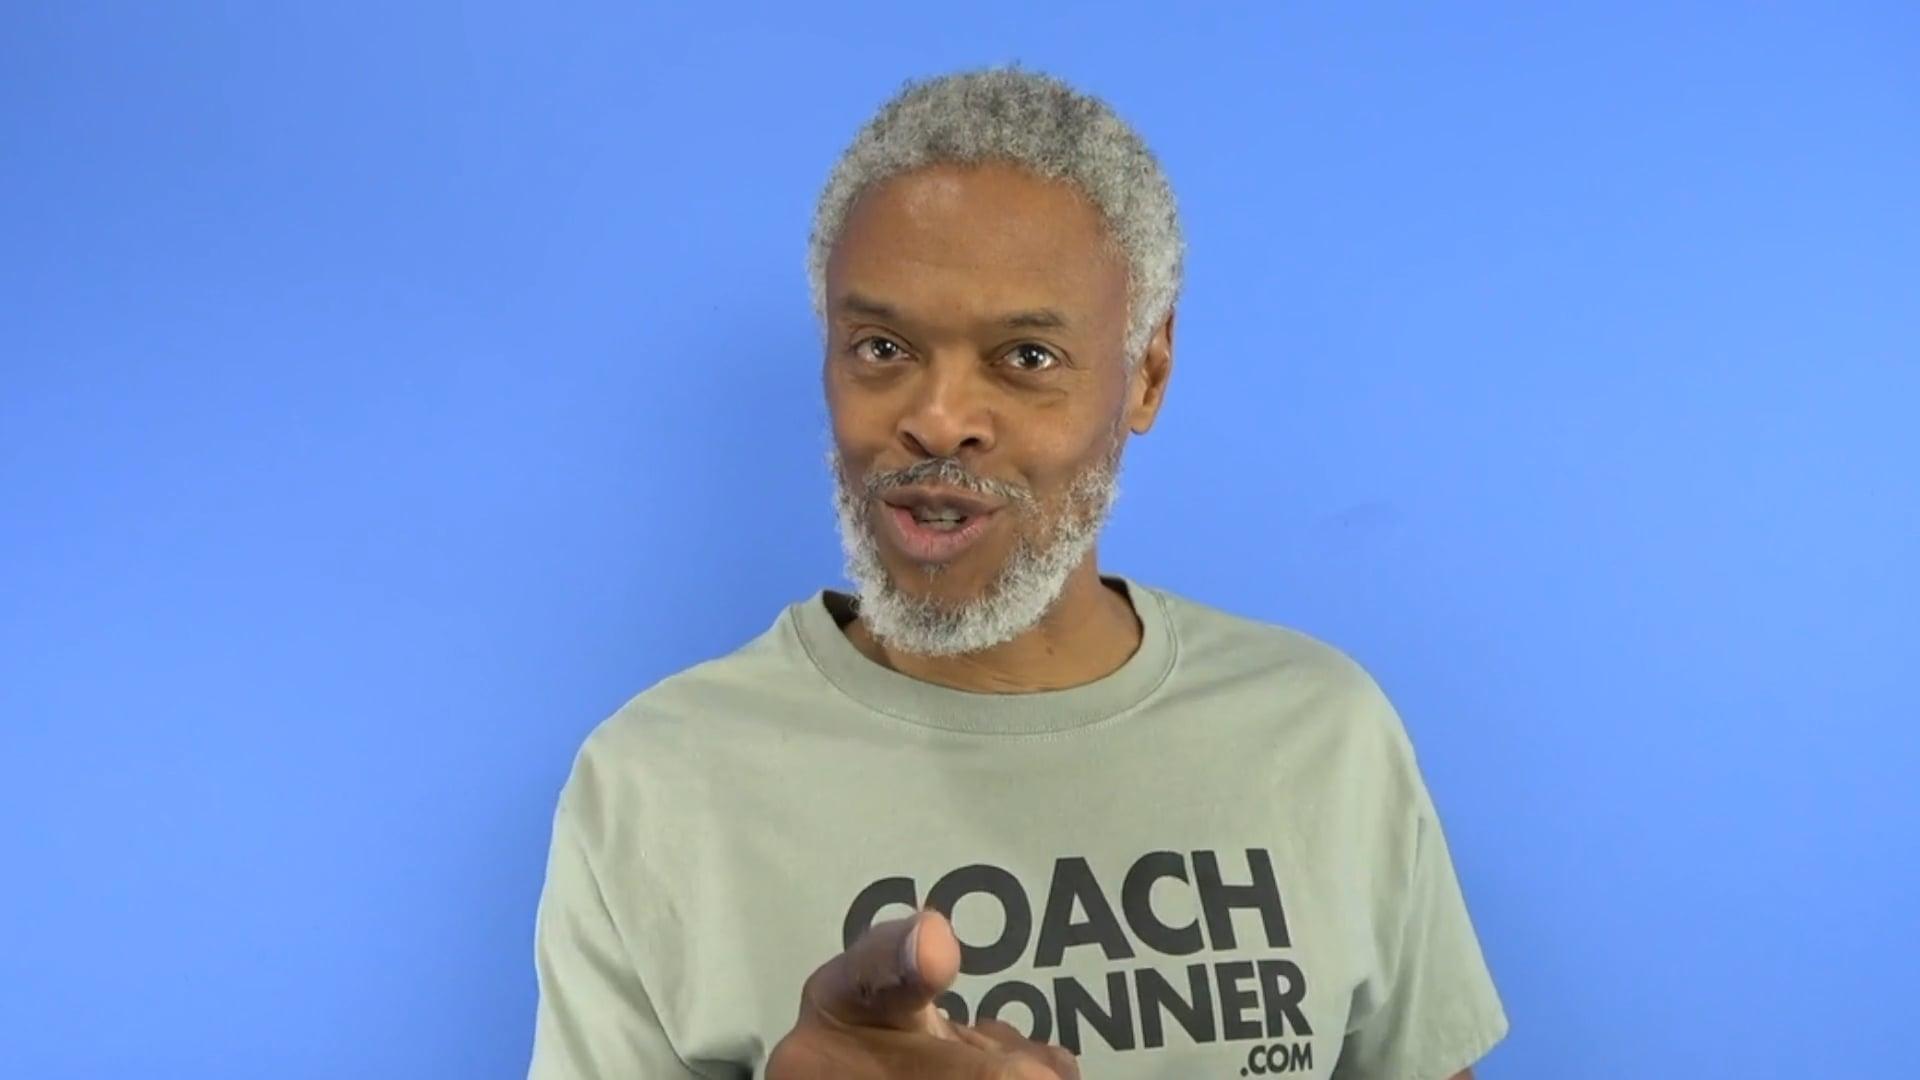 Coach Bronner Promo